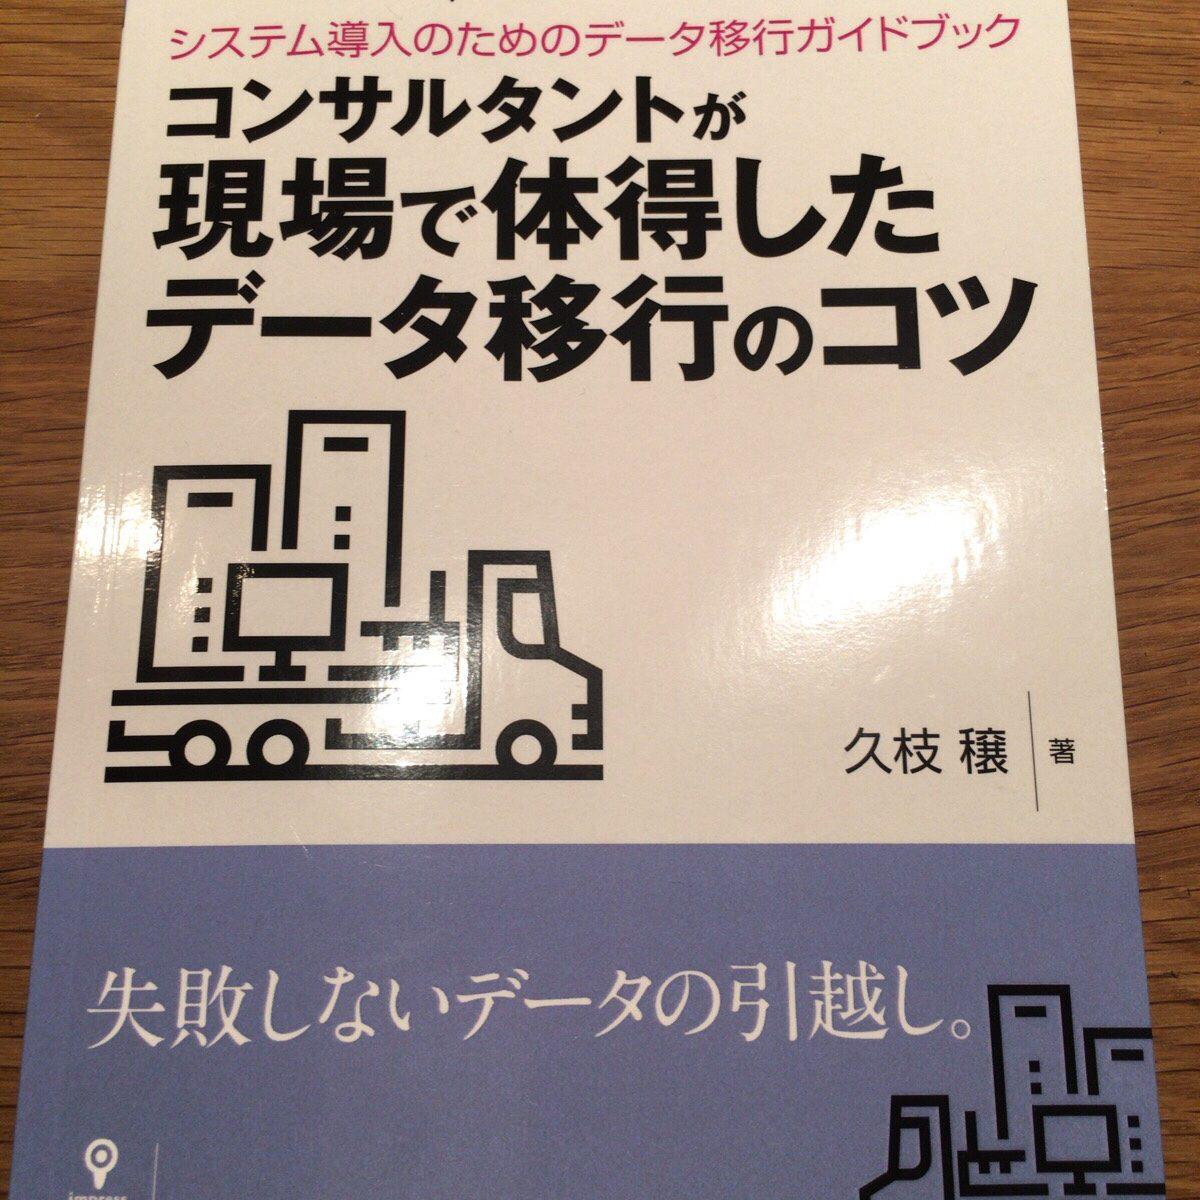 Kindle配信開始!「システム導入のためのデータ移行ガイドブック―コンサルタントが現場で体得したデータ移行のコツ」